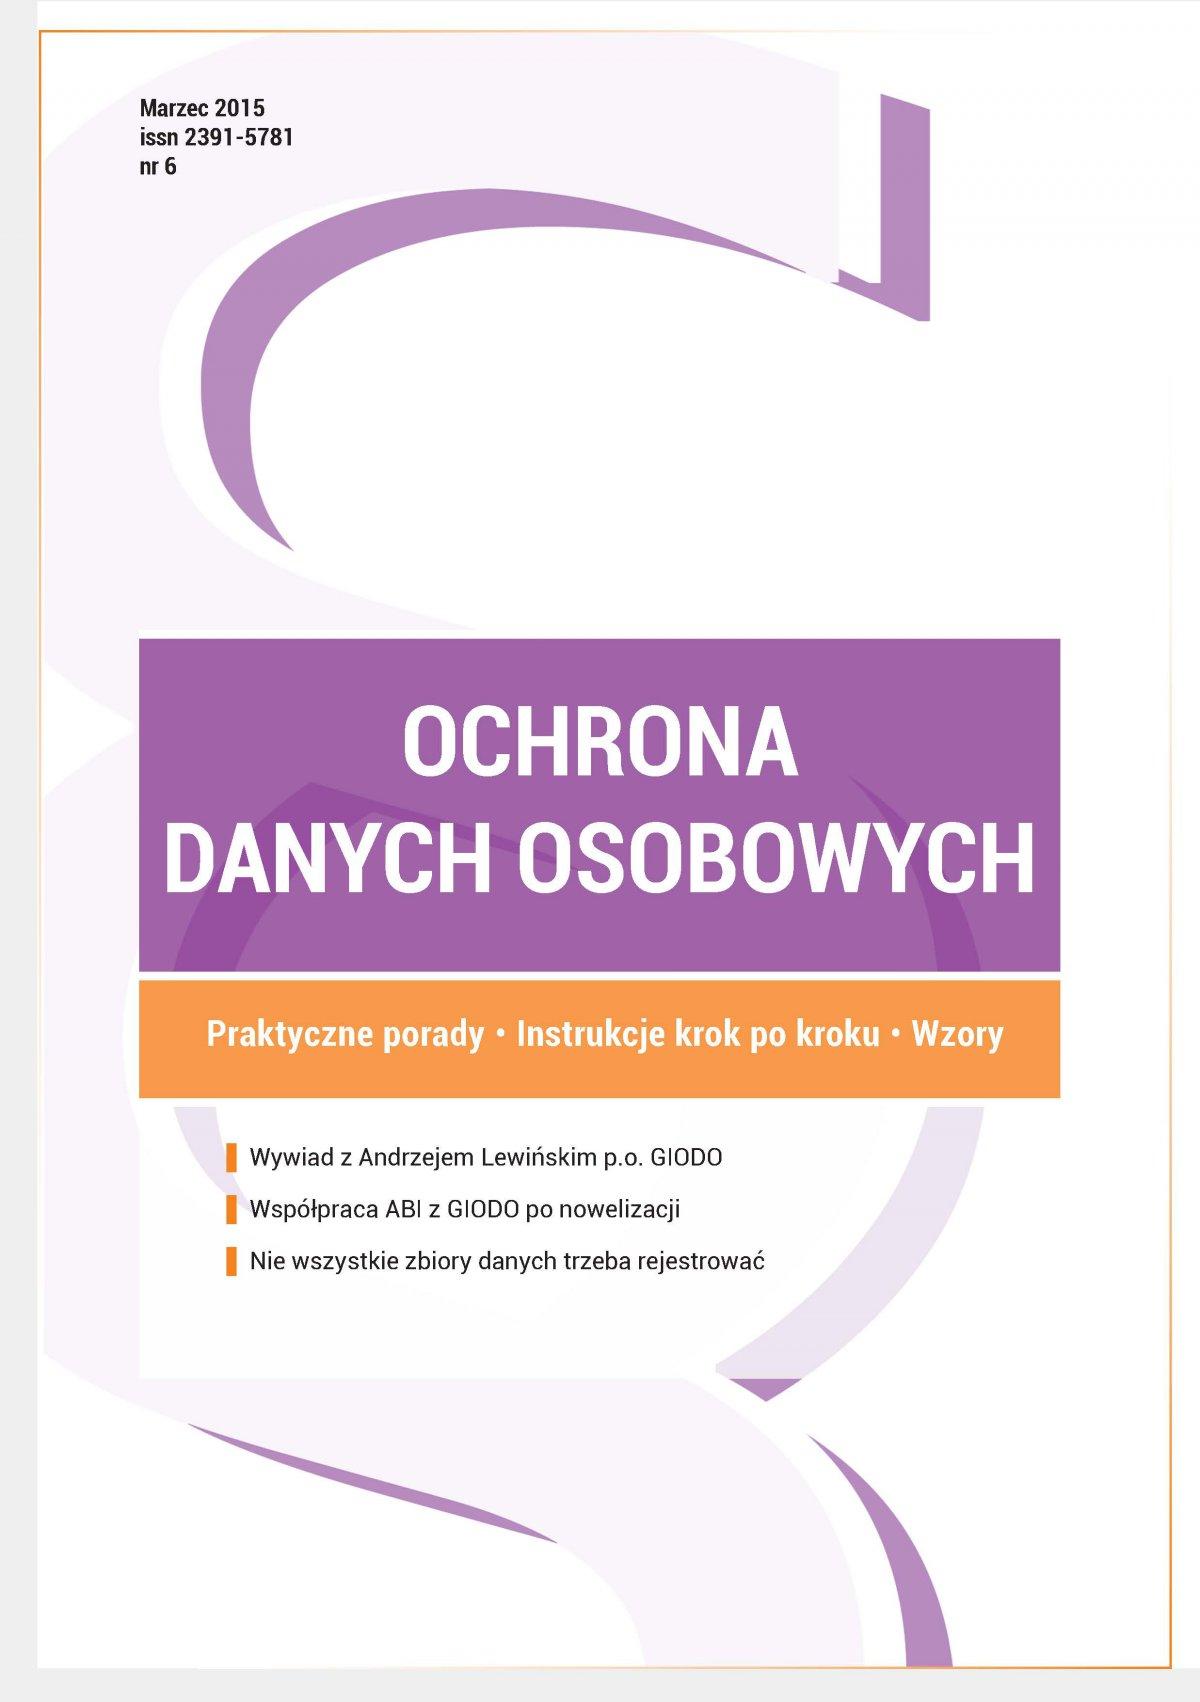 Ochrona danych osobowych - wydanie marzec 2015 r. - Ebook (Książka PDF) do pobrania w formacie PDF